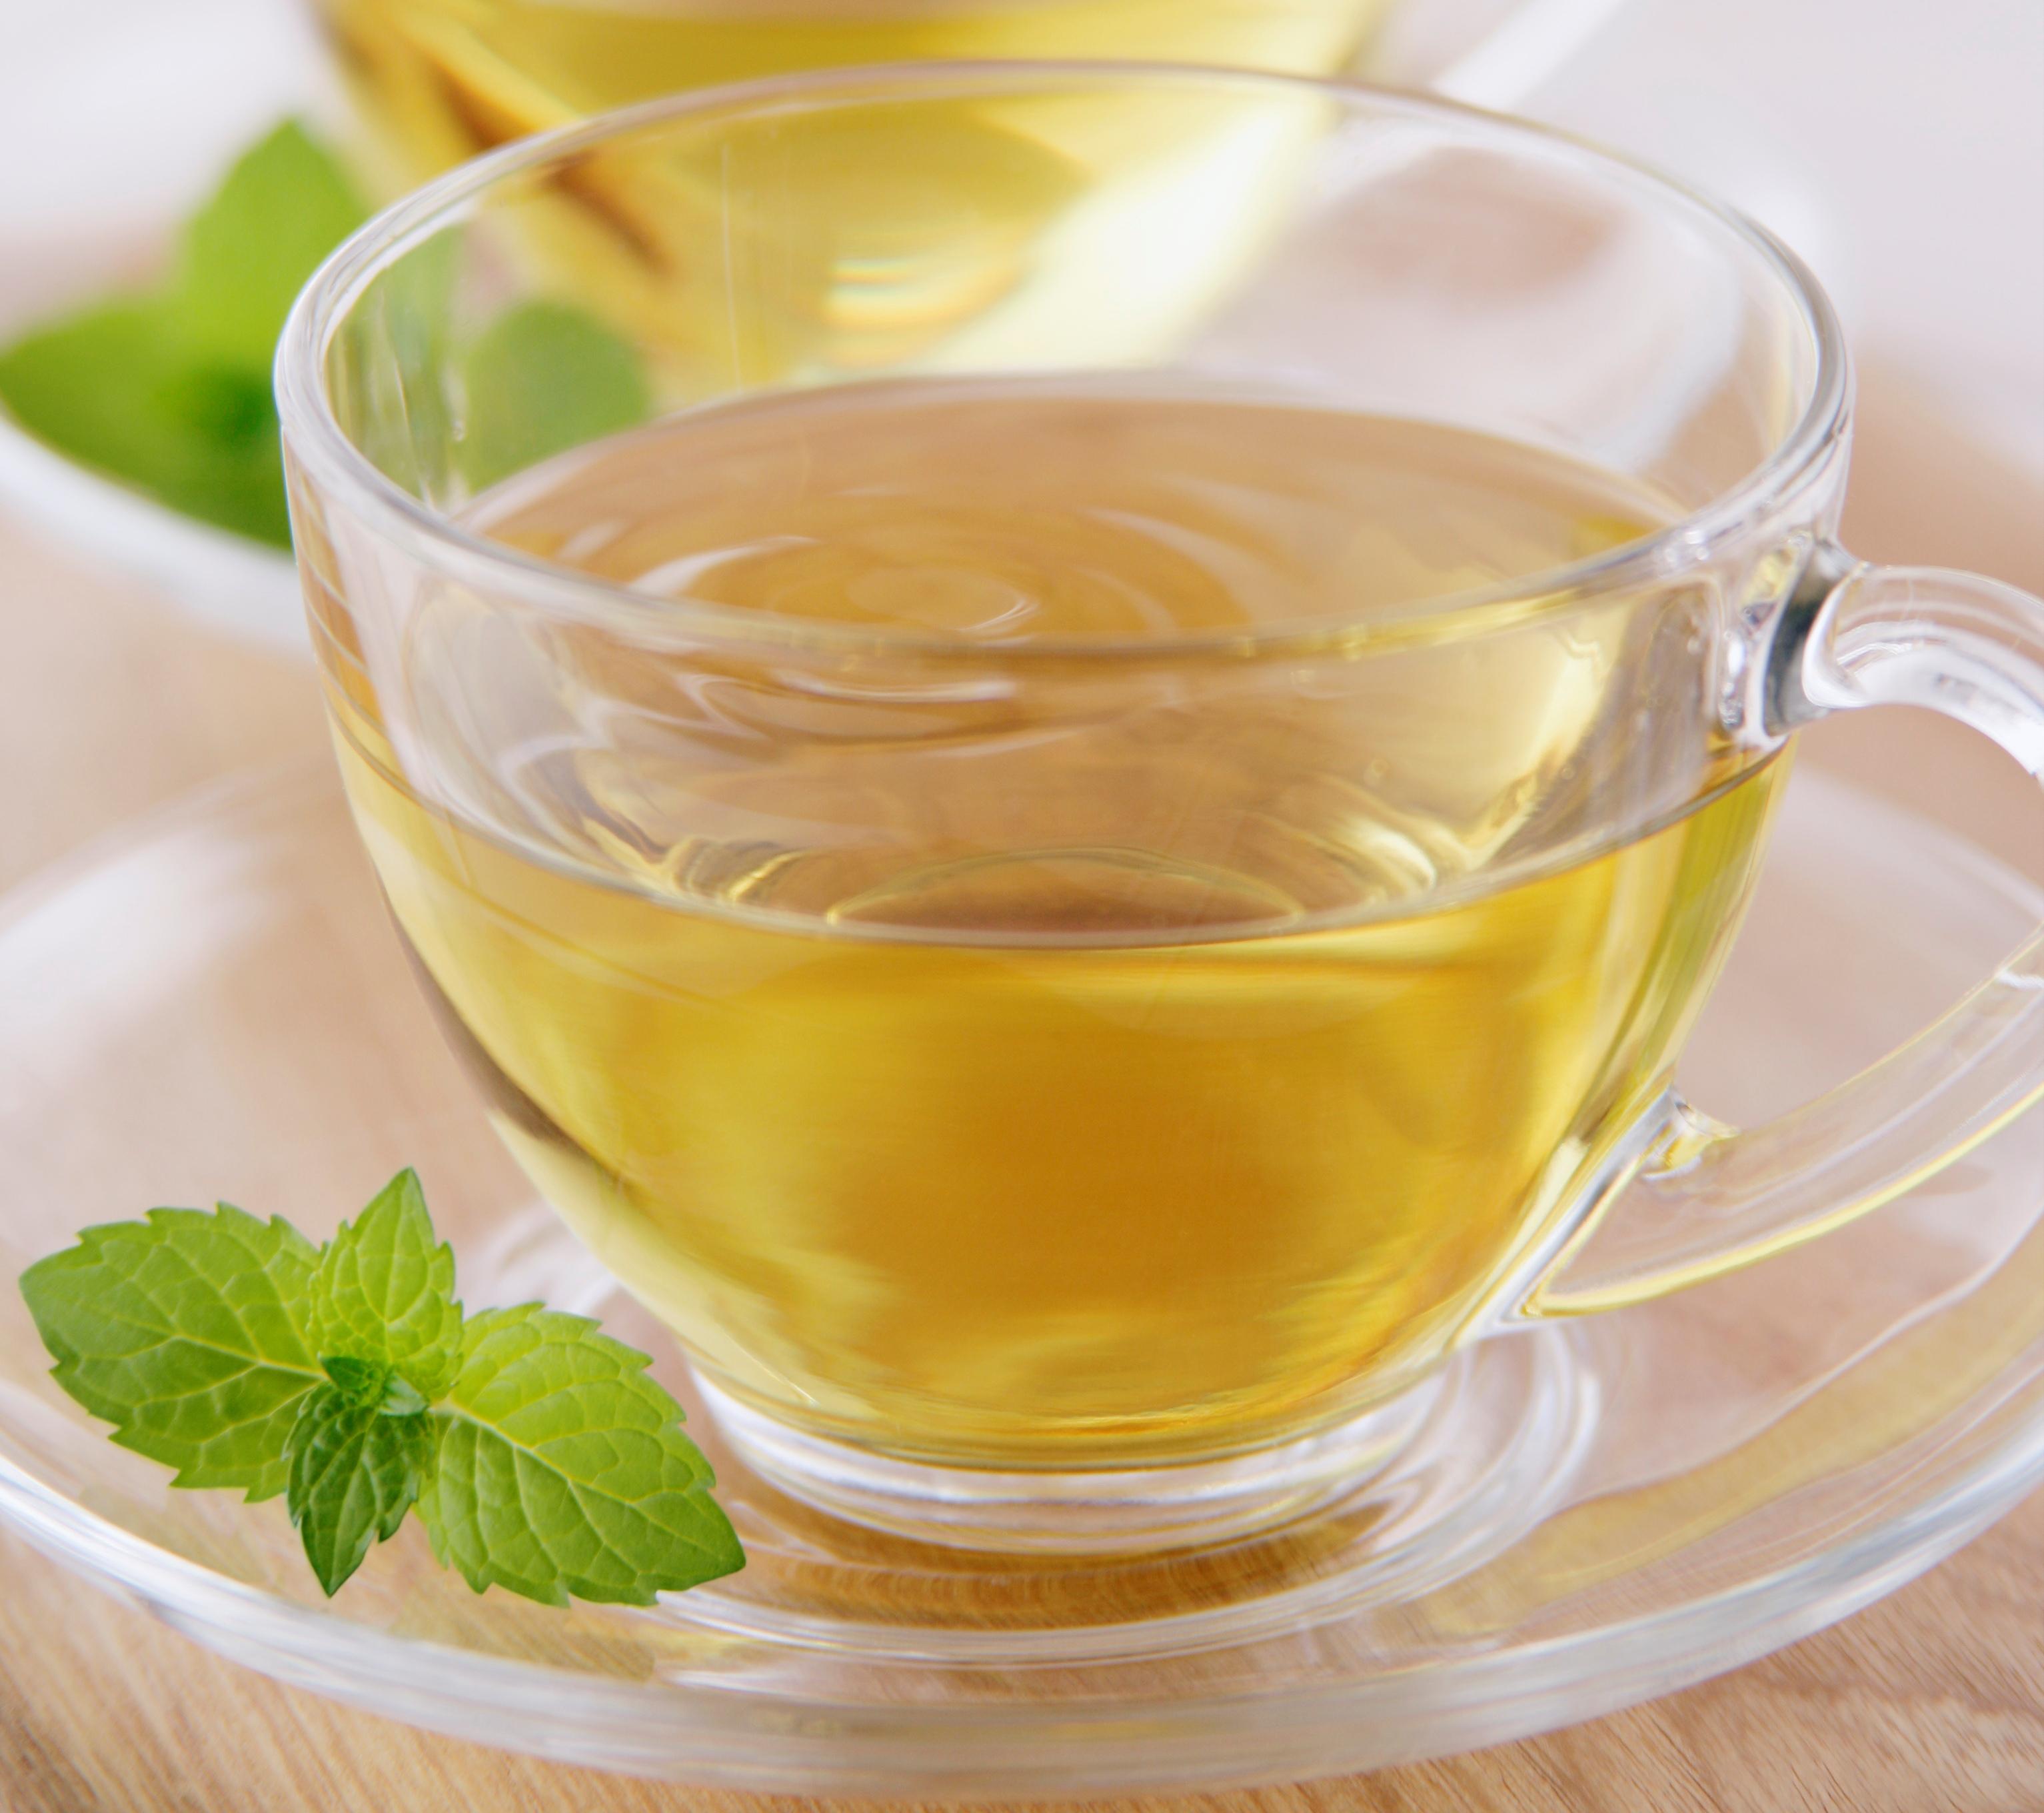 tea_image01.jpg